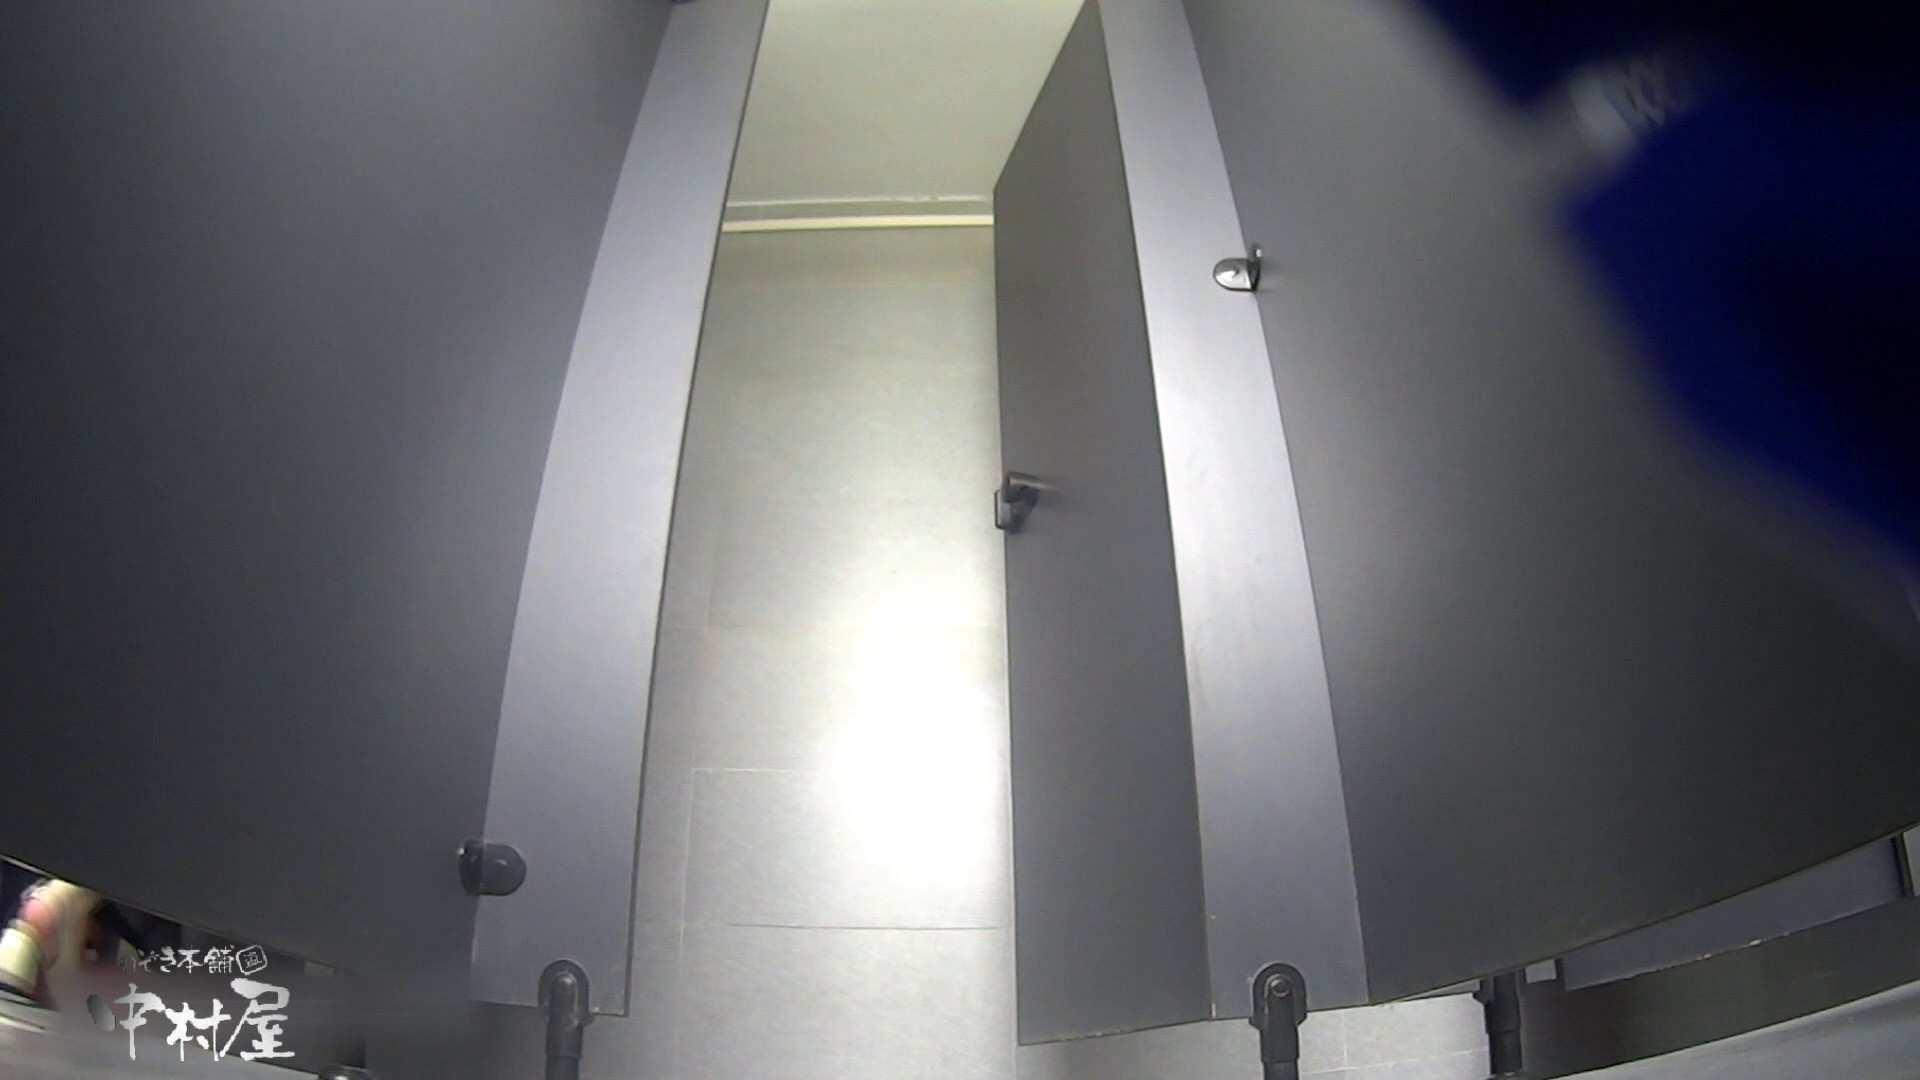 ツンデレお女市さんのトイレ事情 大学休憩時間の洗面所事情32 美女丸裸 | トイレ突入  76pic 11